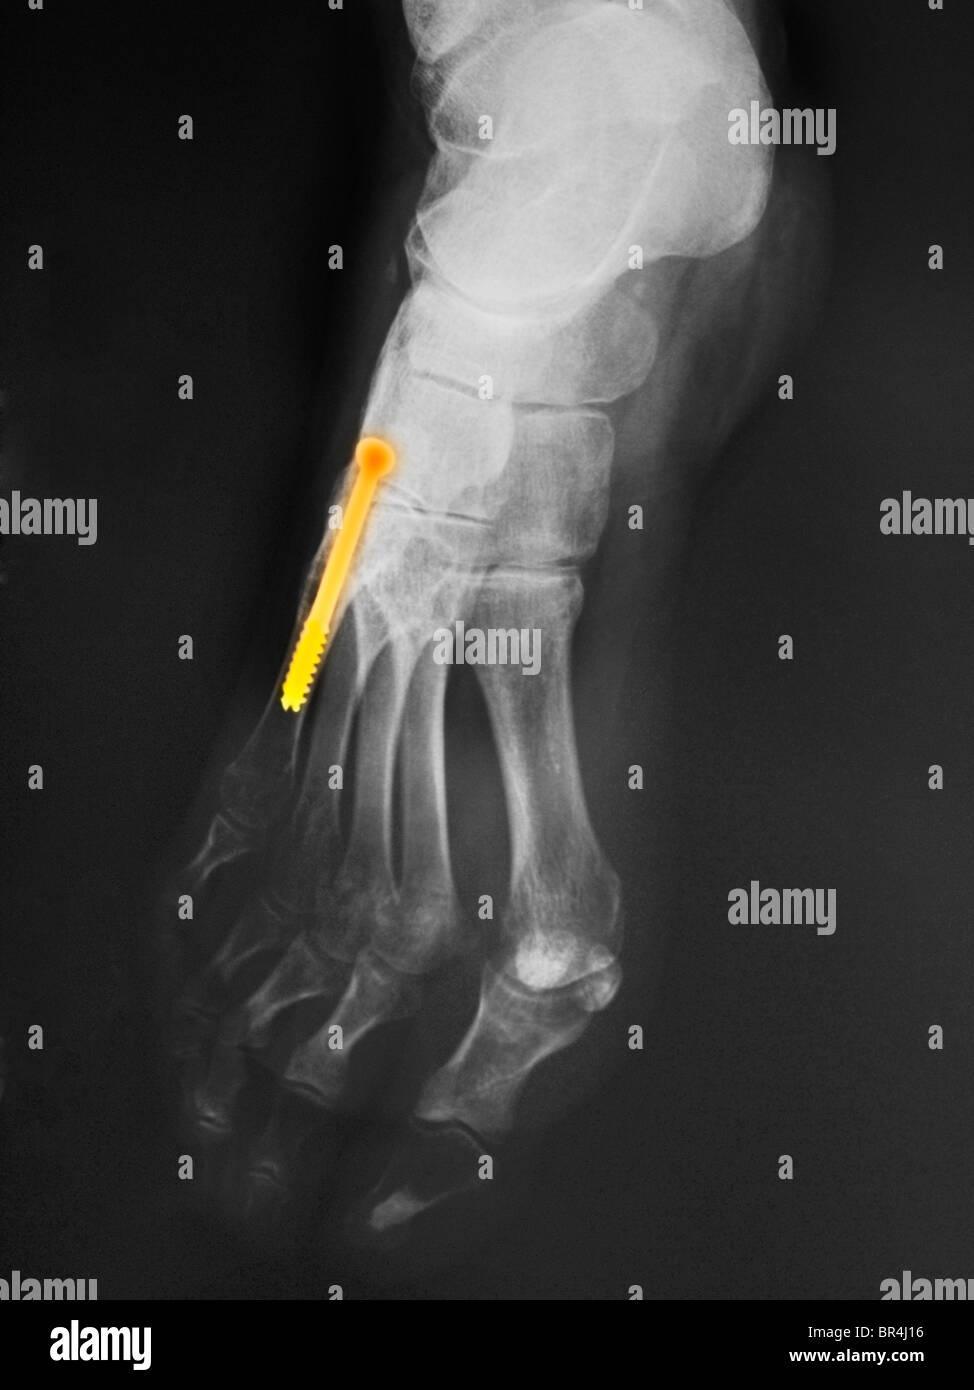 Röntgen des Beines eine 43 Jahre alte Frau, die hatte eine Operation am 5. Mittelfußknochen wo gibt es Stockbild